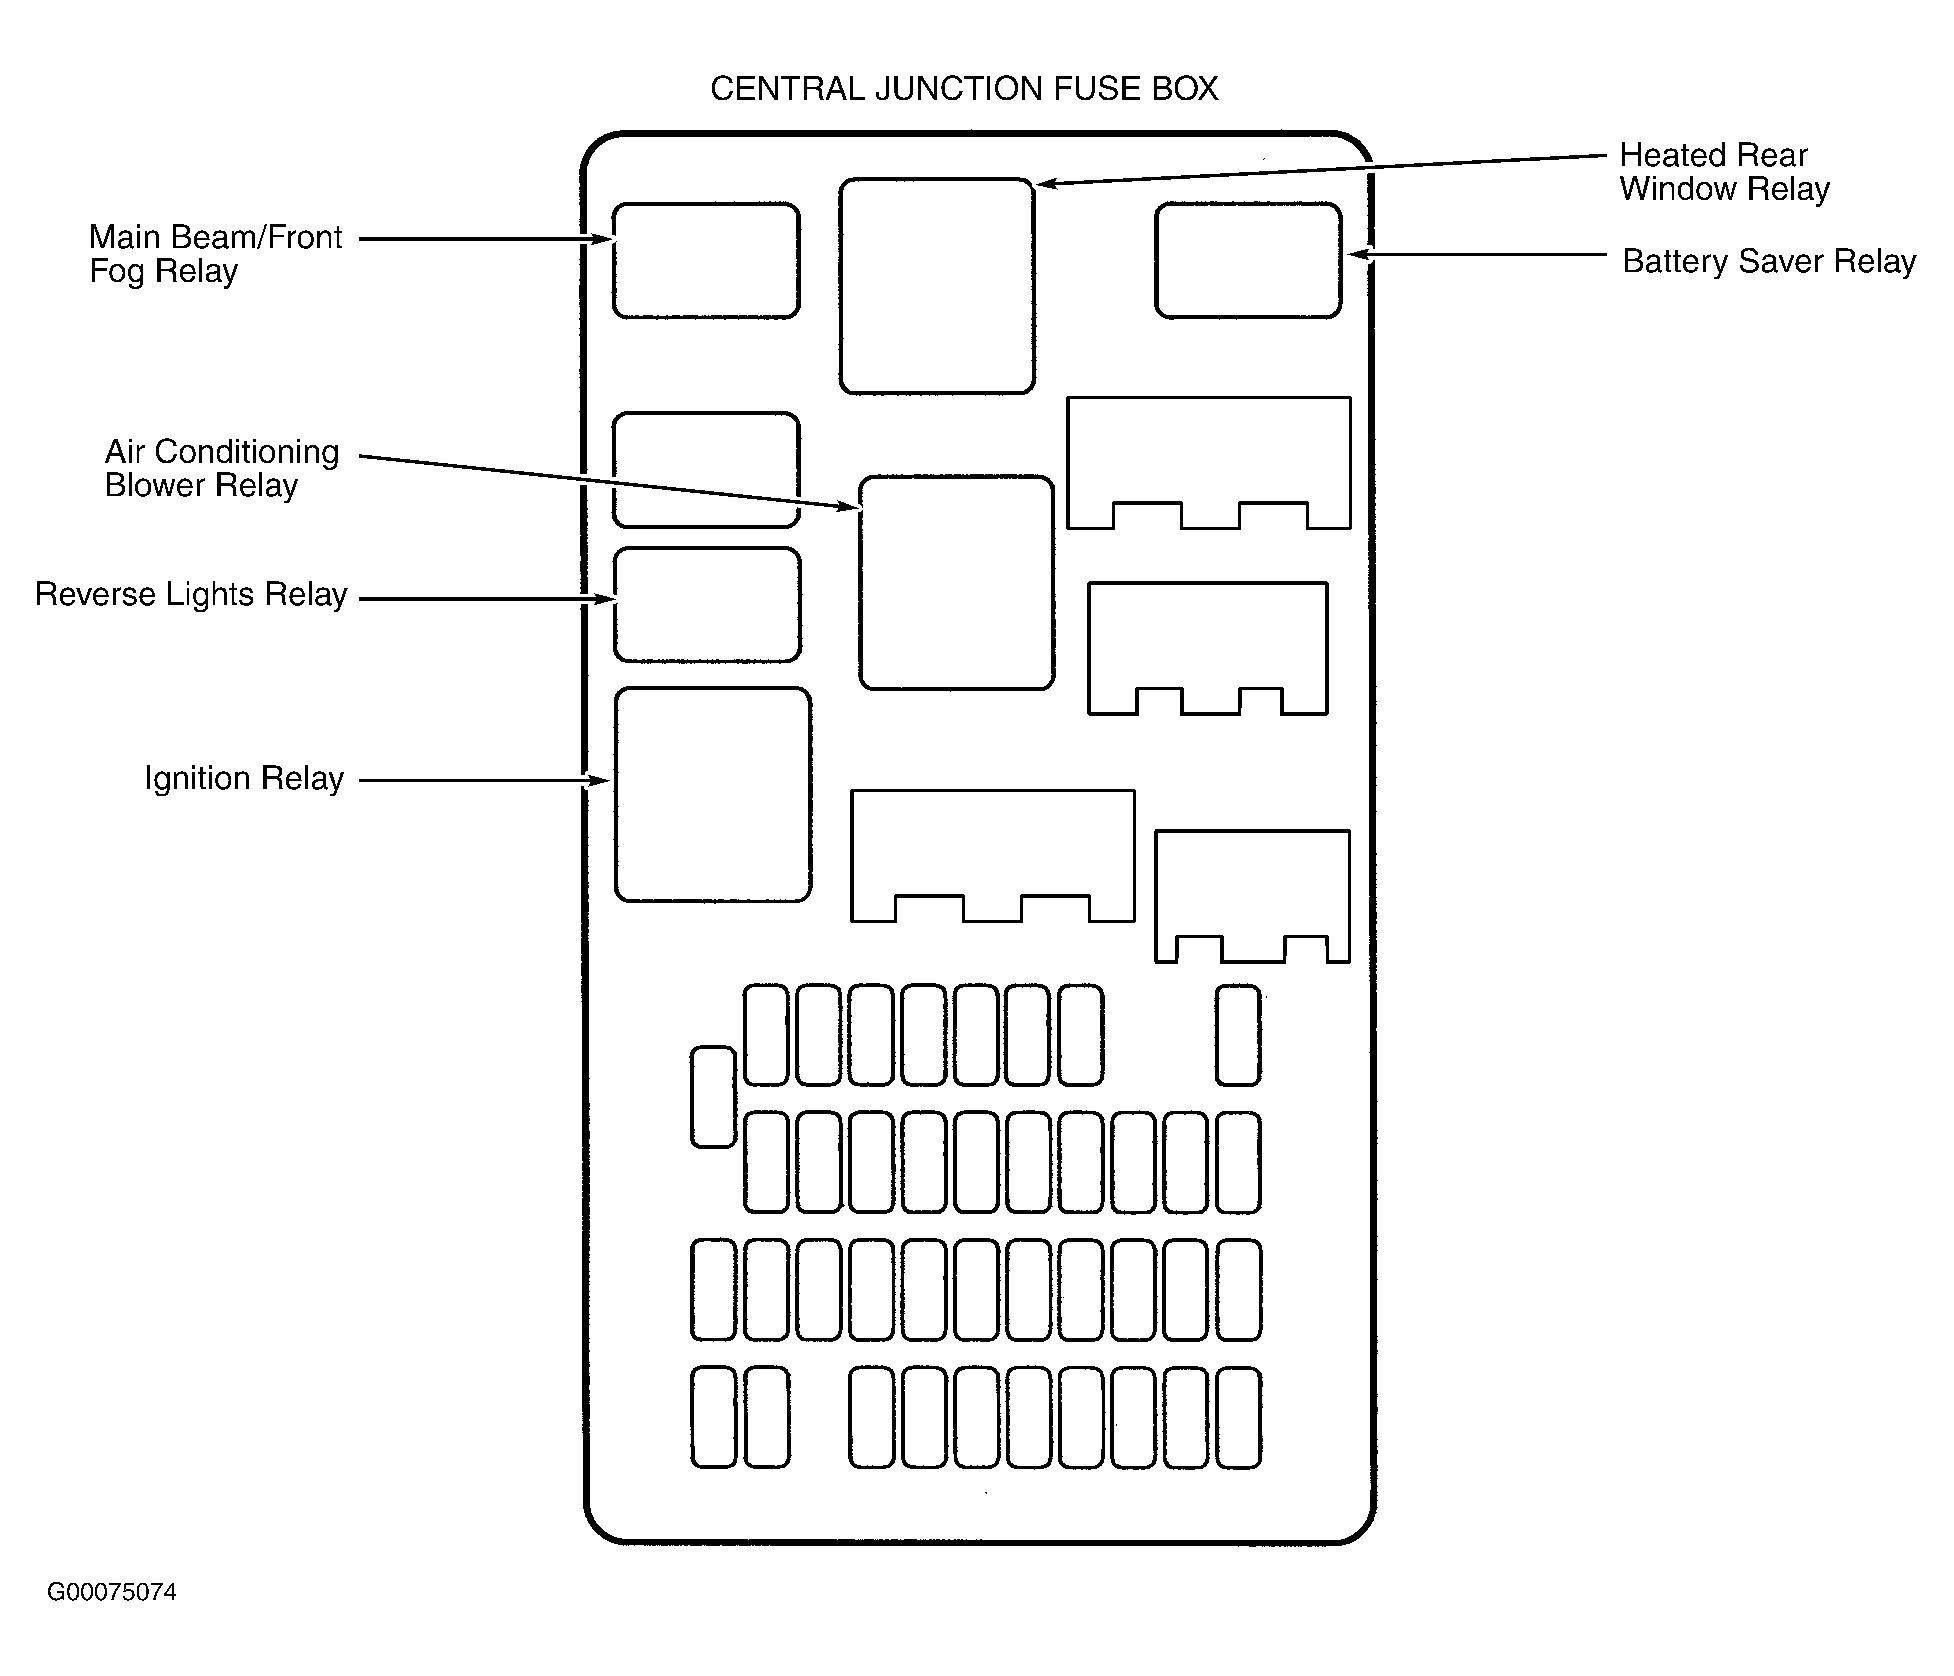 m1010 wiring diagrams wiring diagram database m1010 wiring diagrams